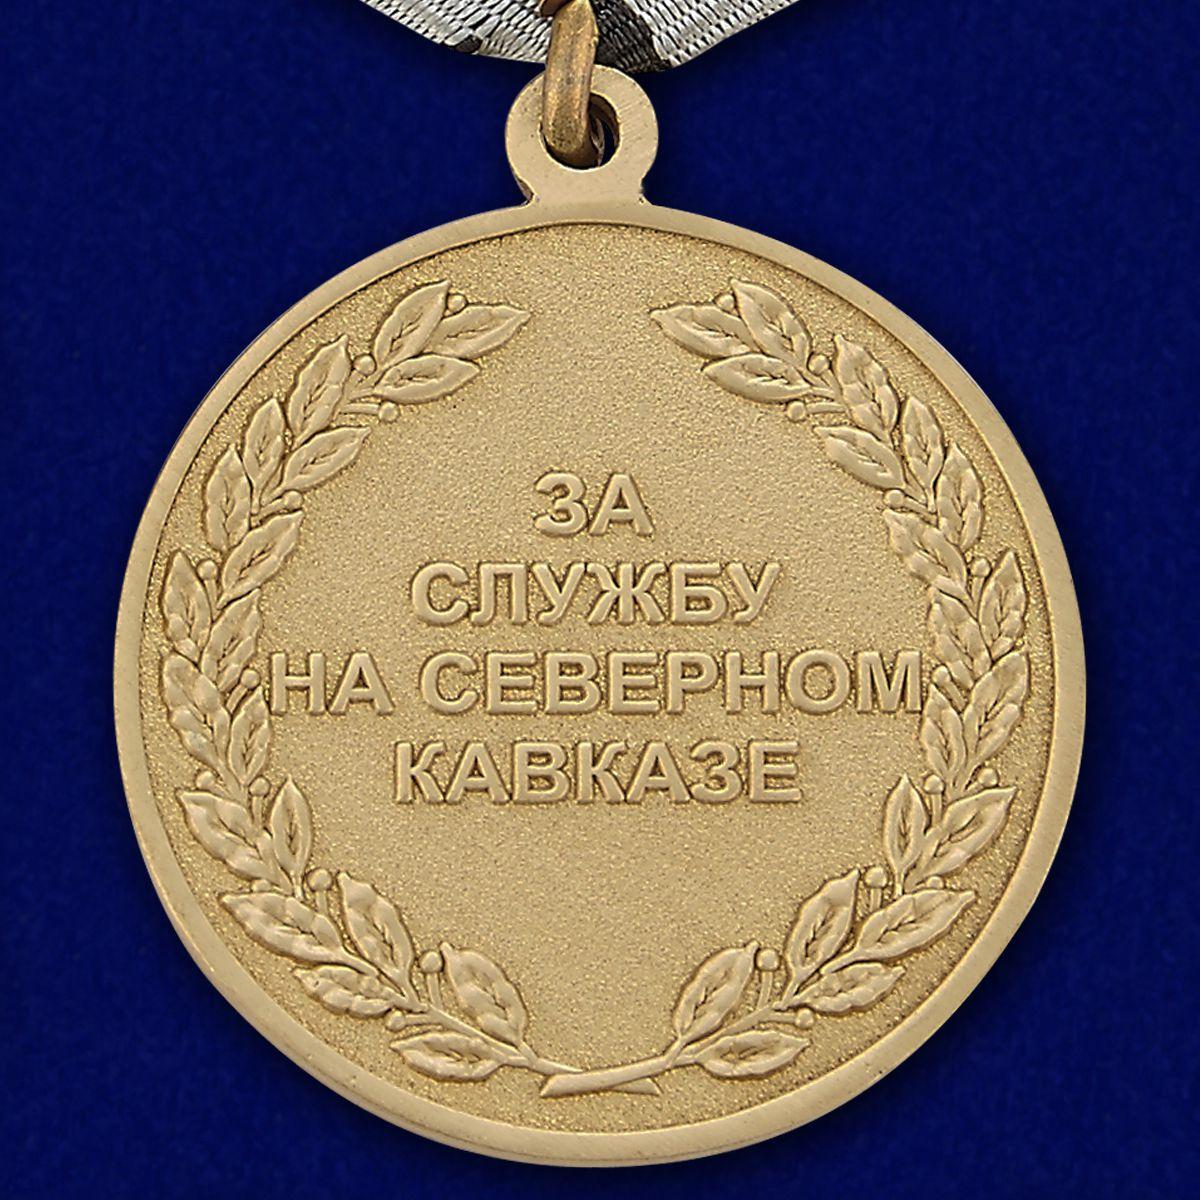 """Заказать медаль """"За службу на Северном Кавказе"""" в футляре из бордового флока"""